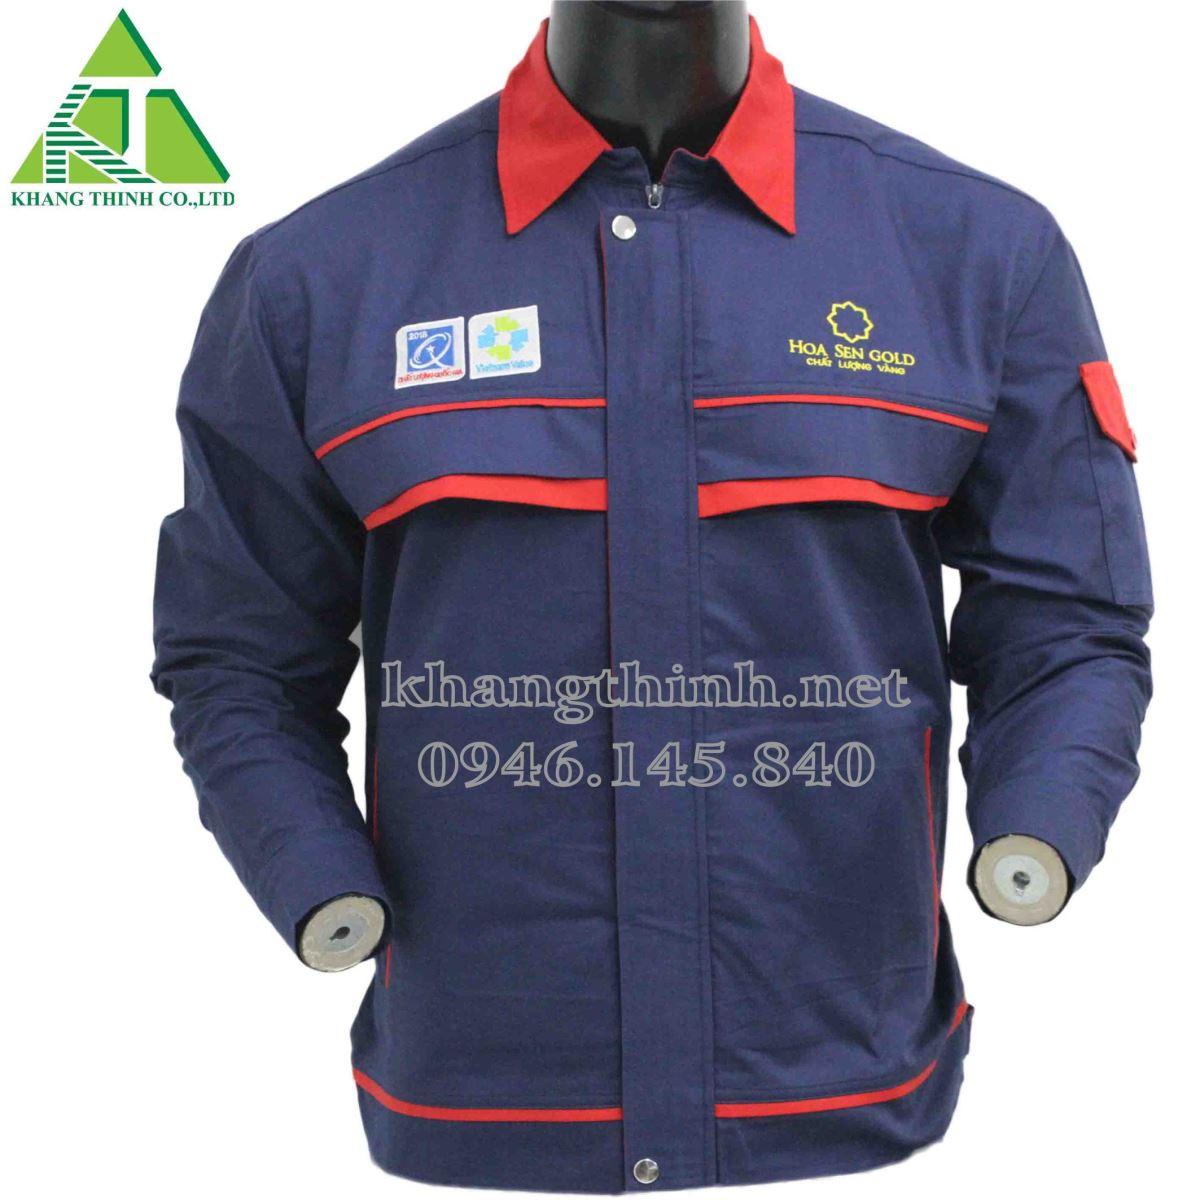 Bảo hộ lao động 022